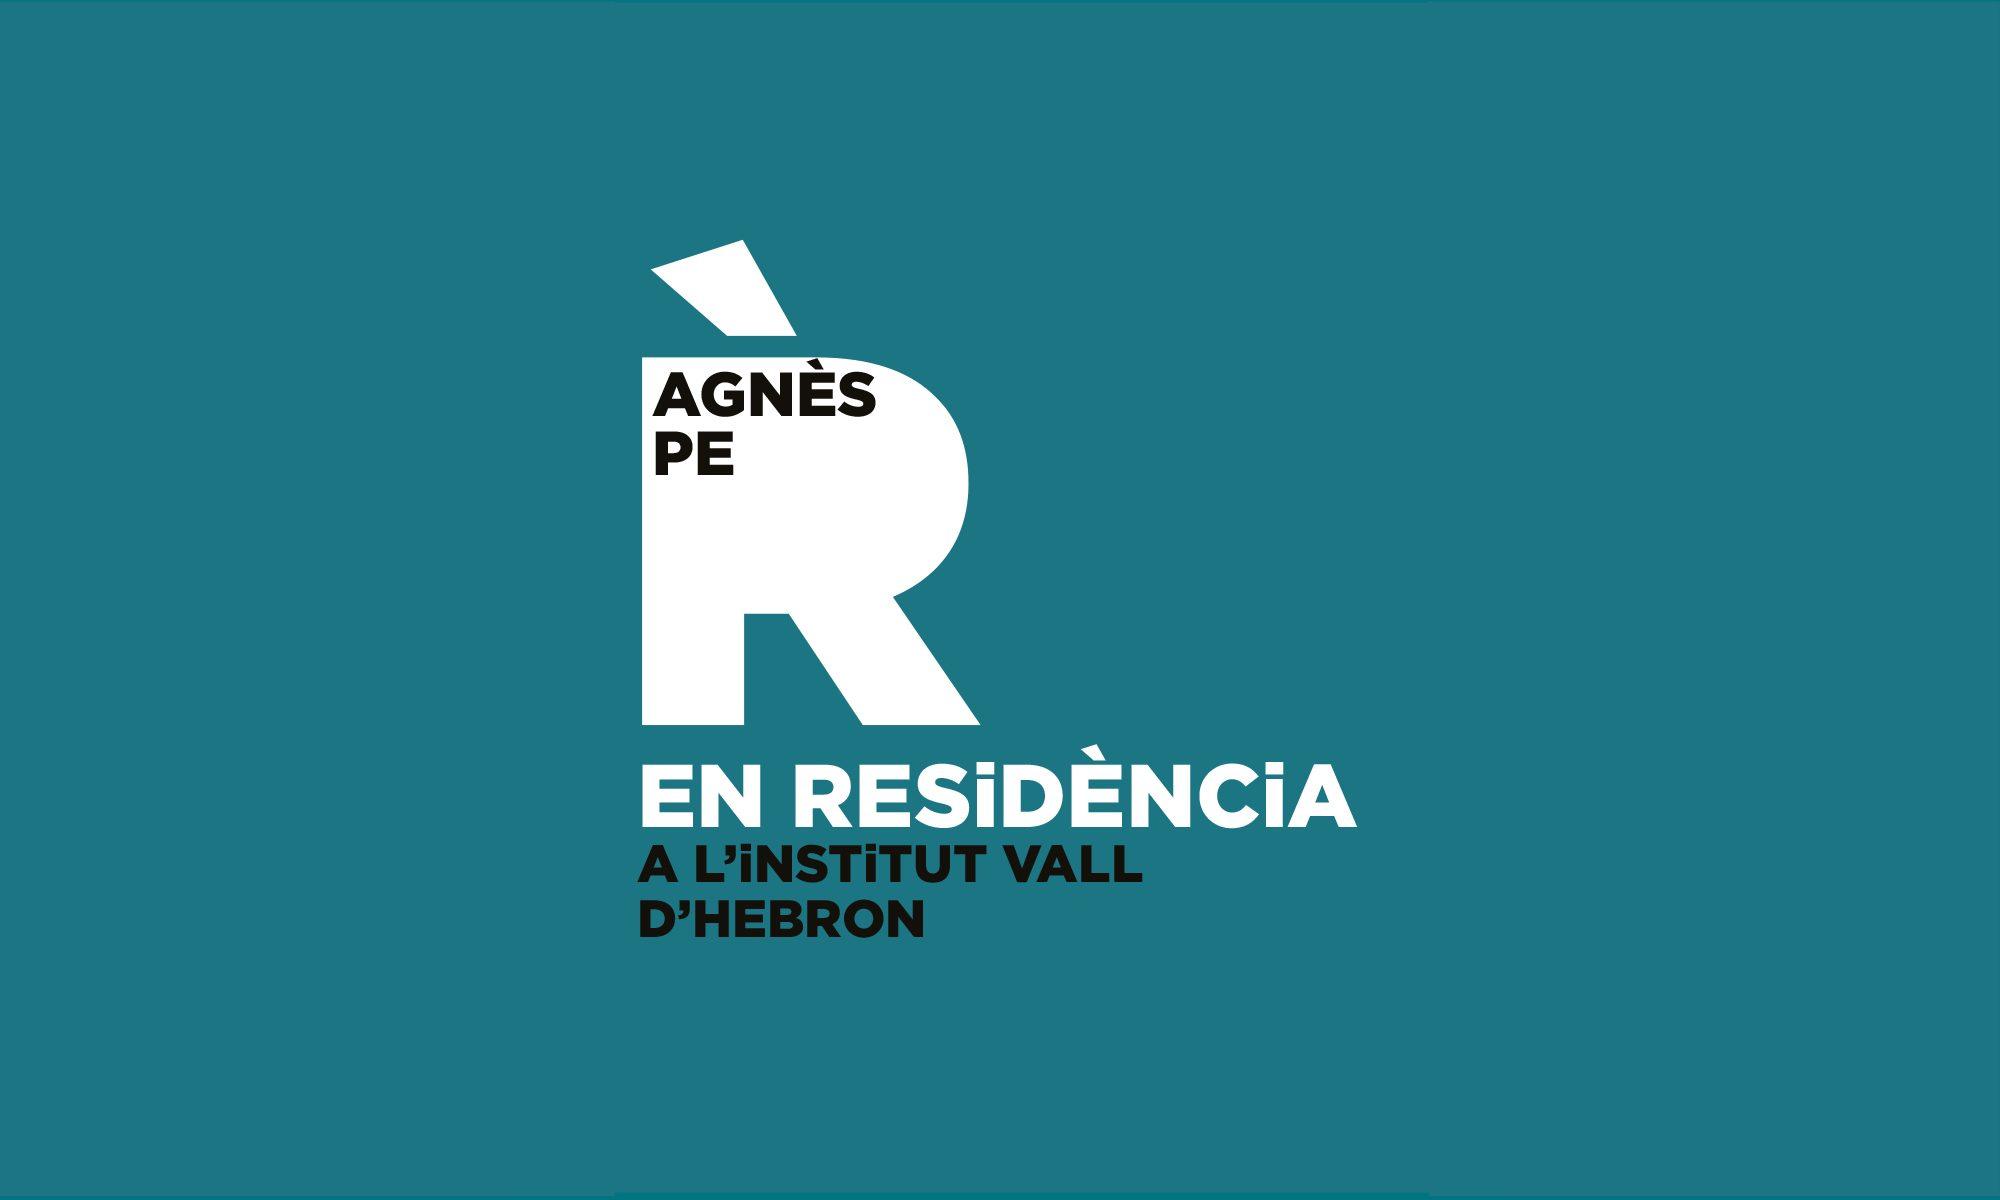 Agnès Pe EN RESiDÈNCiA